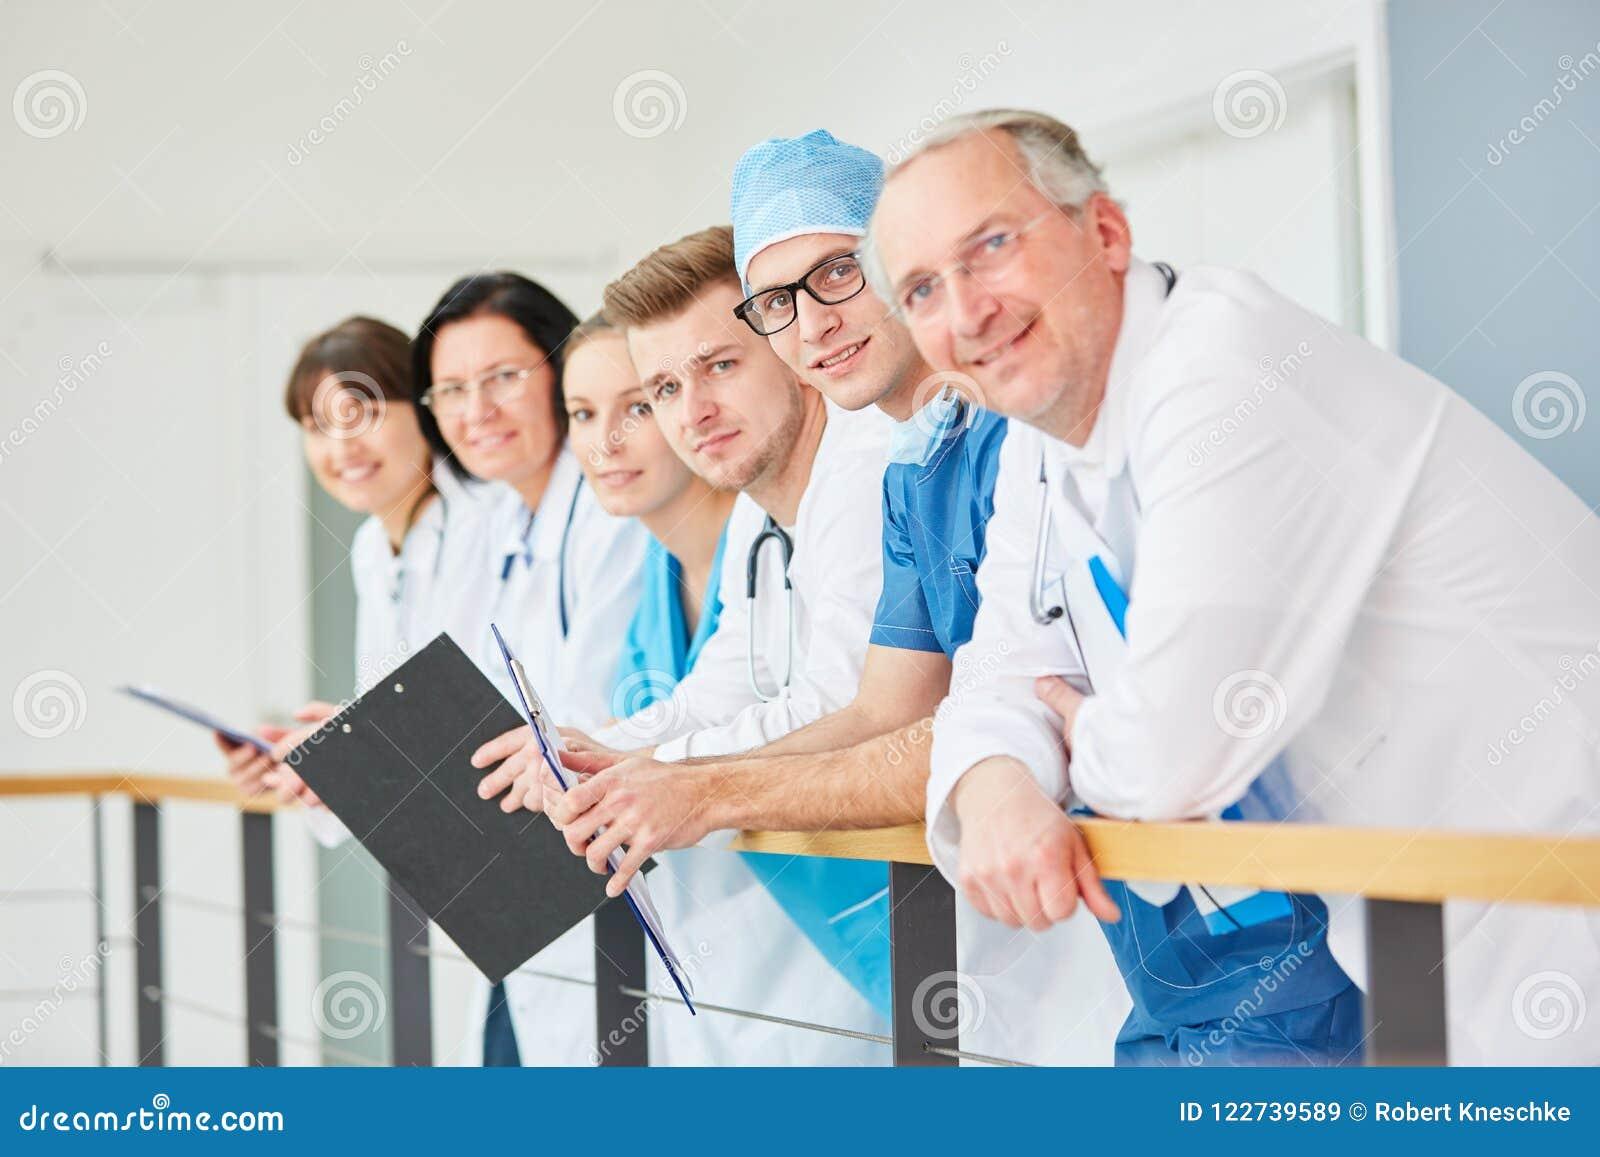 Lag av doktorer med erfarenhet